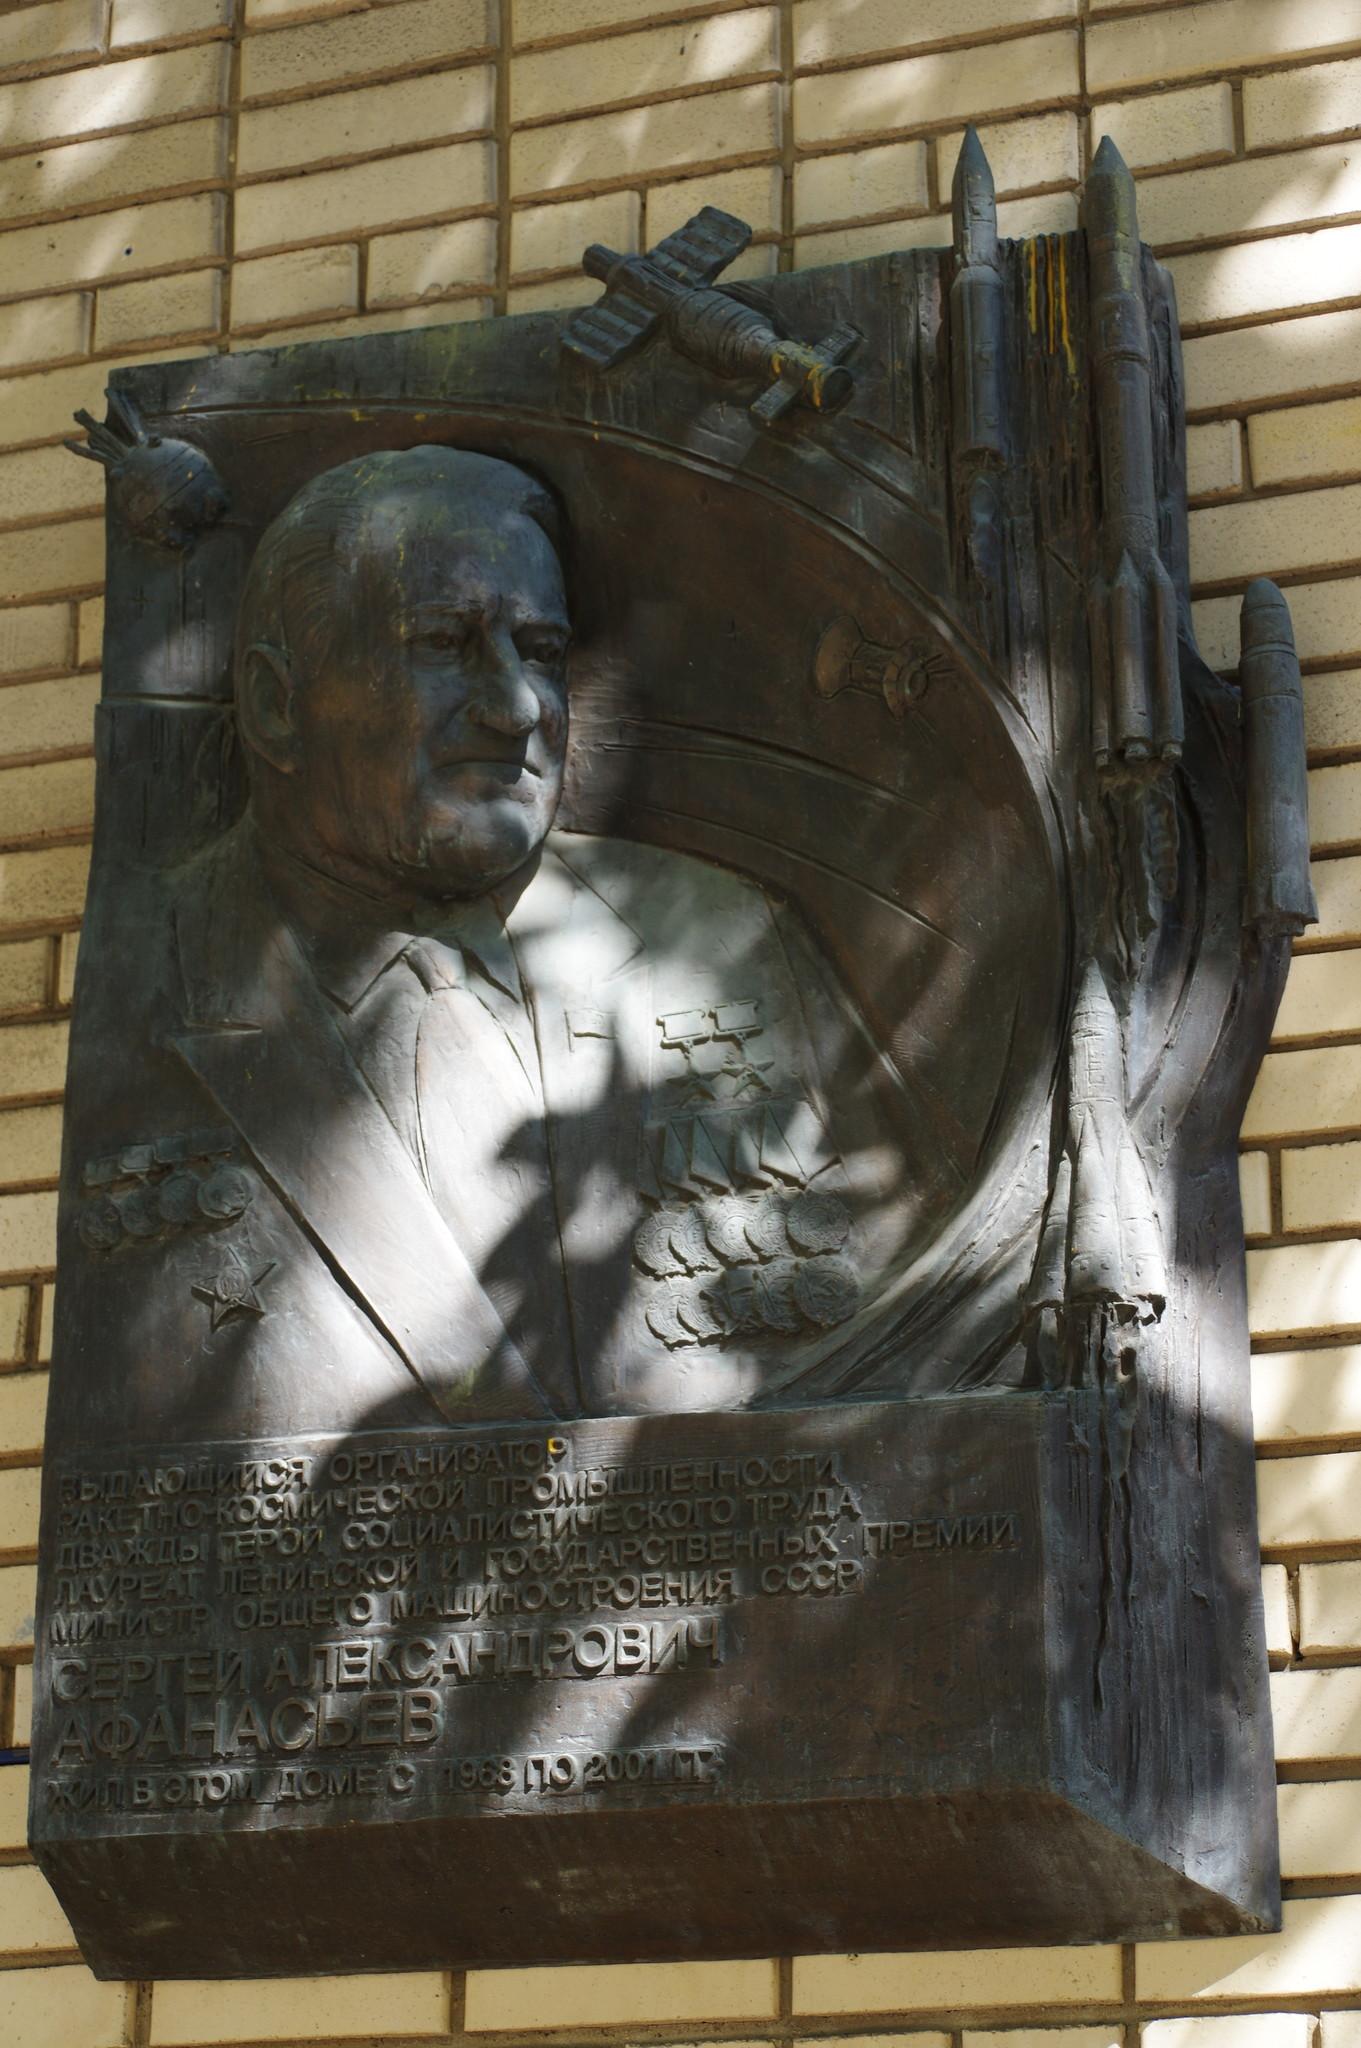 Памятная  доска установленная на доме Москве, где с 1968 года по 2001 год жил дважды Герой Социалистического Труда Сергей Александрович Афанасьев (улица Спиридоновка, дом 18)